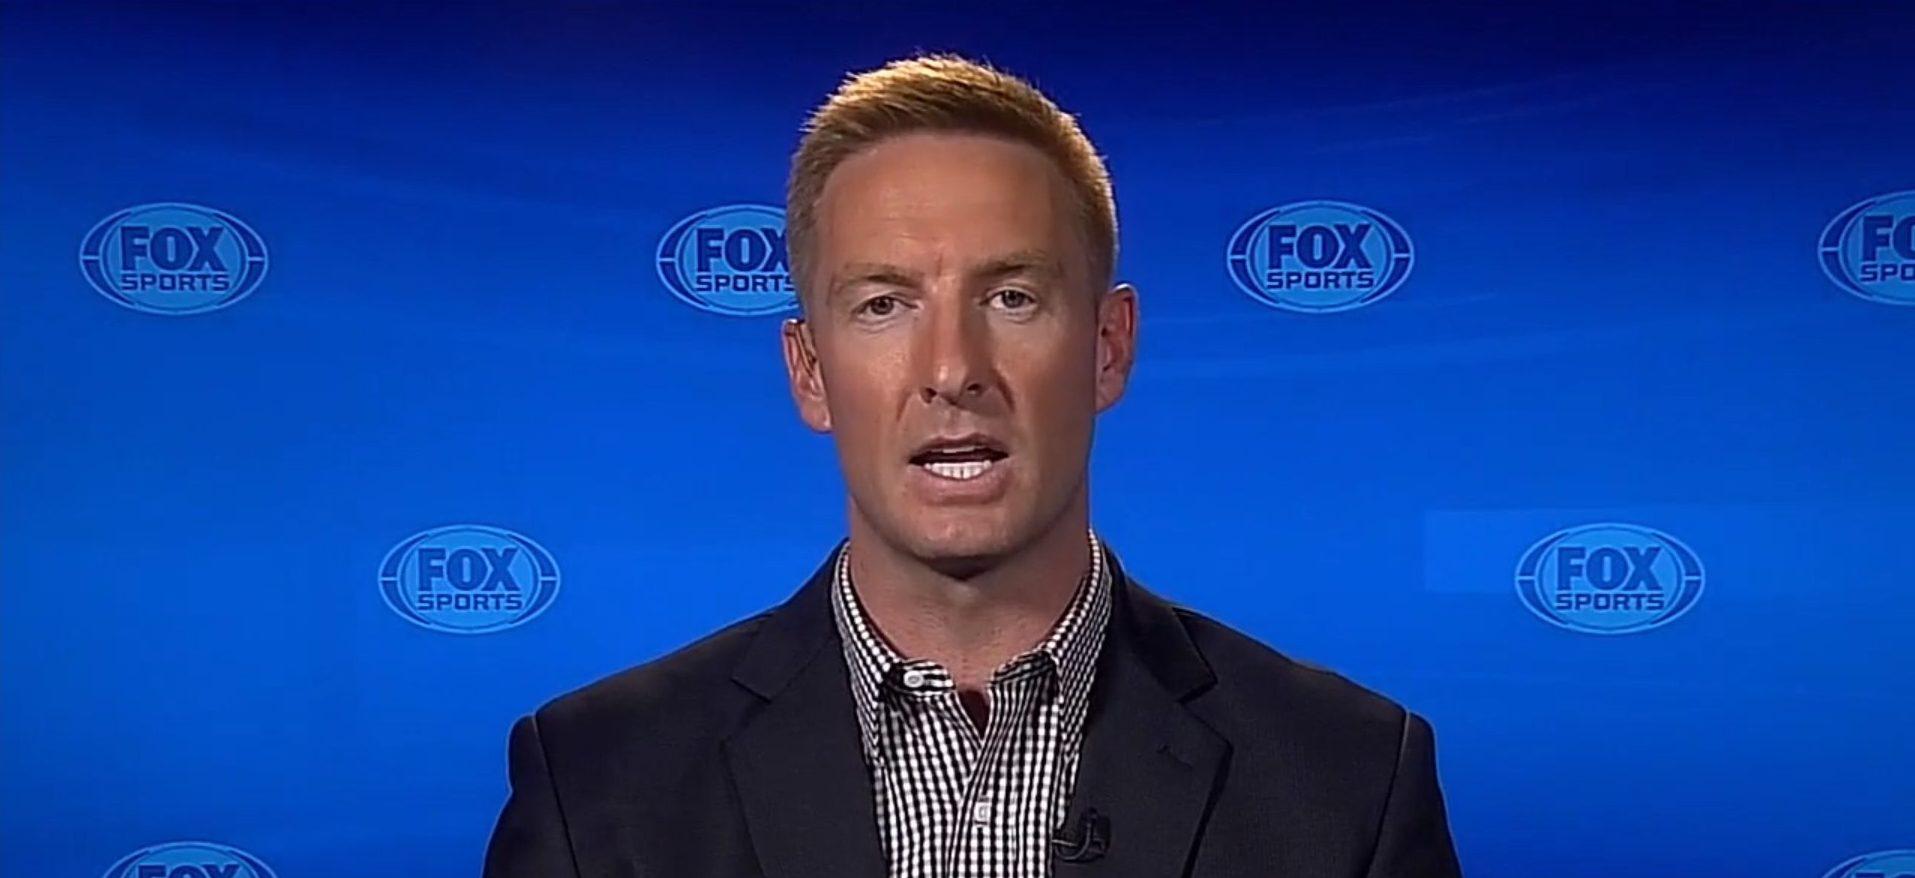 CFB analyst Joel Klatt releases new Top 10